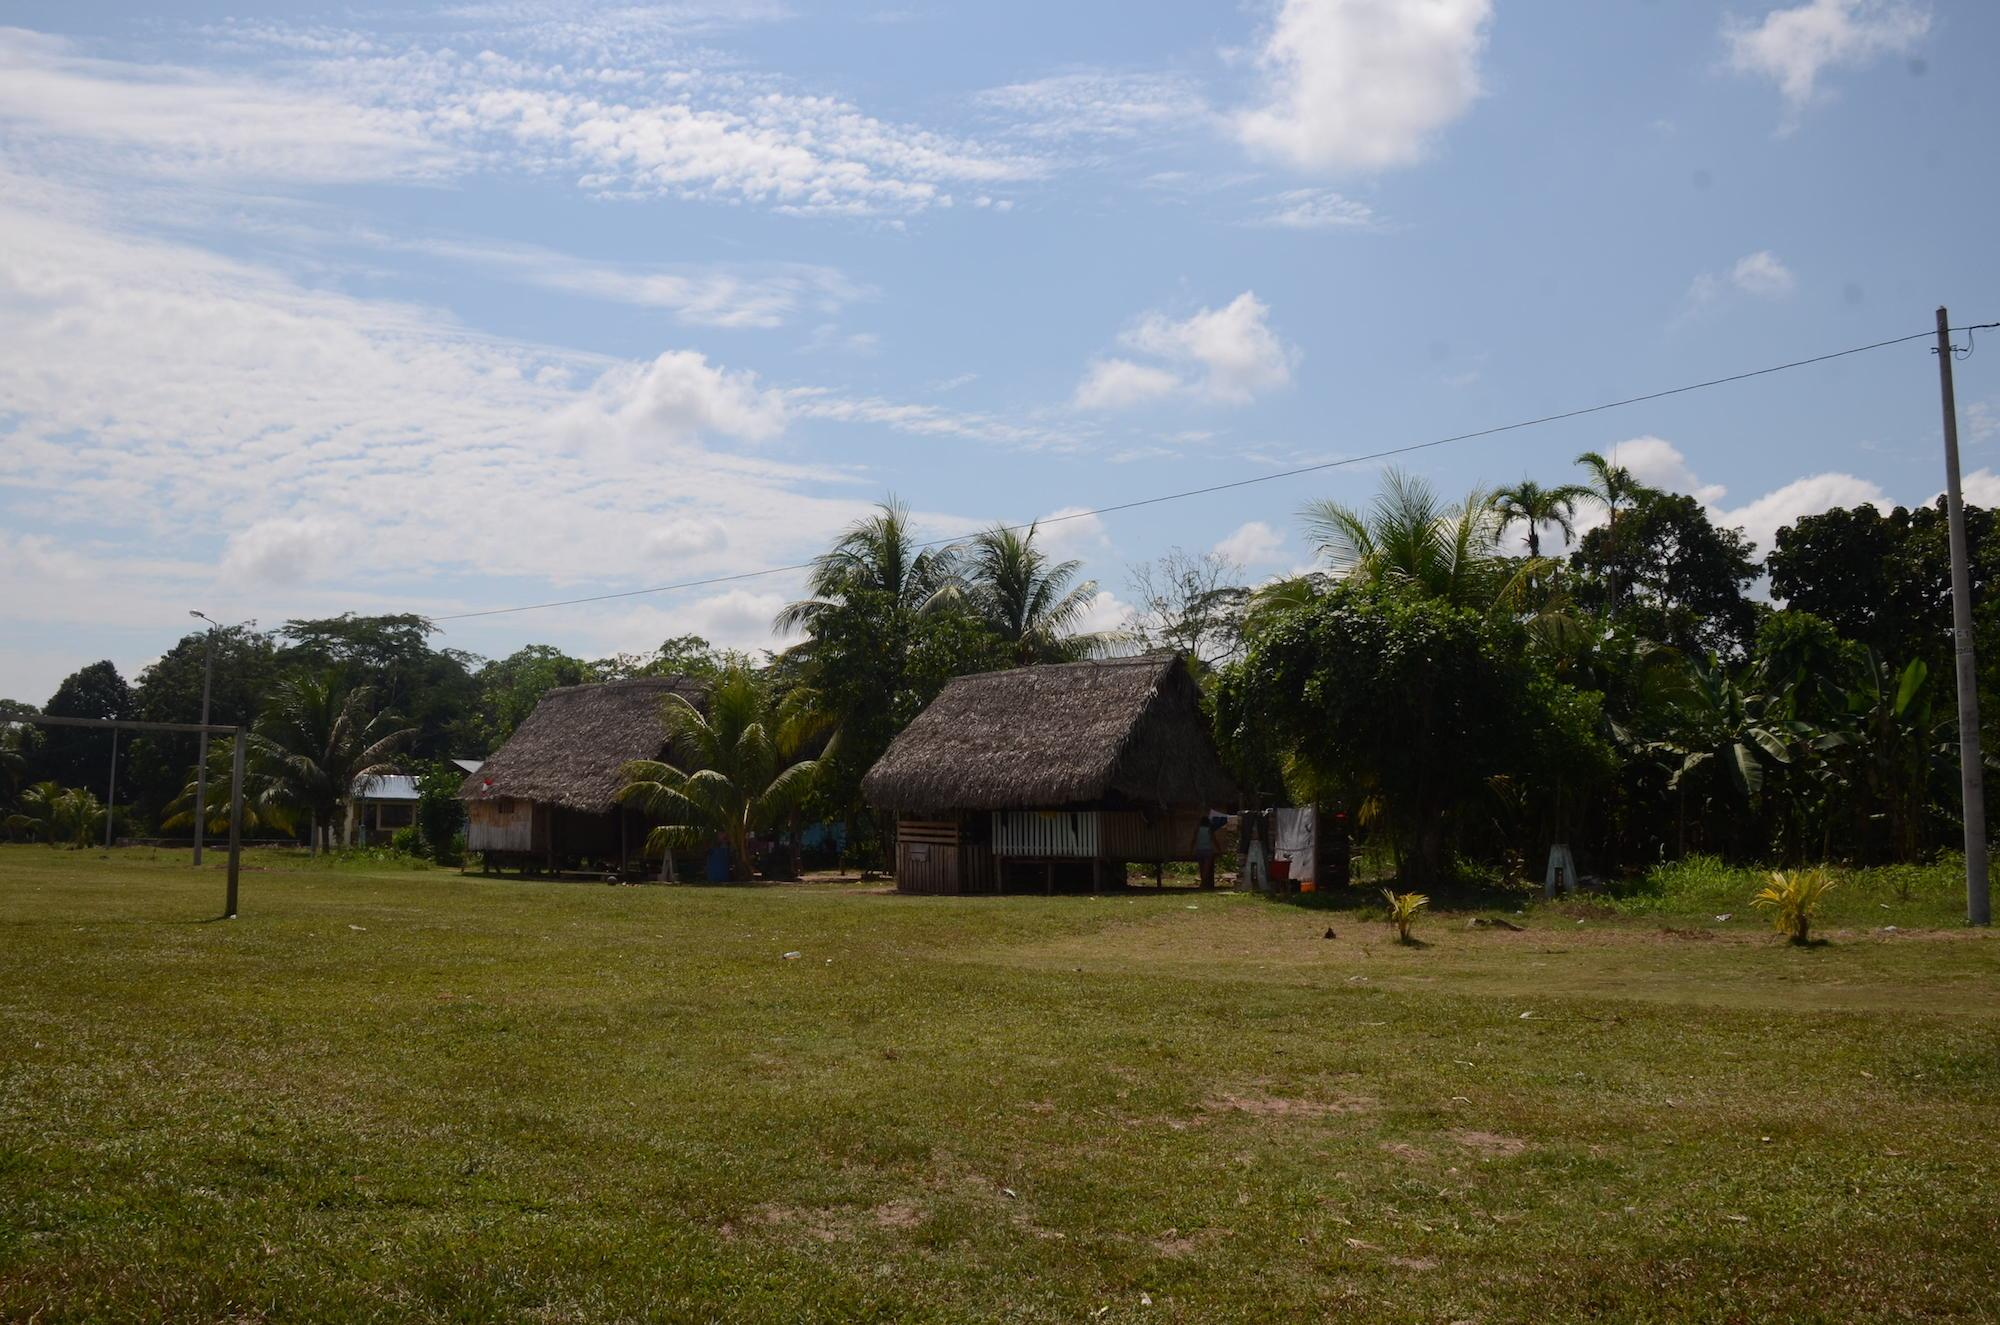 La comunidad de Santa Clara de Uchunya reclama hace varios años la ampliación de su territorio. Foto: Yvette Sierra Praeli.